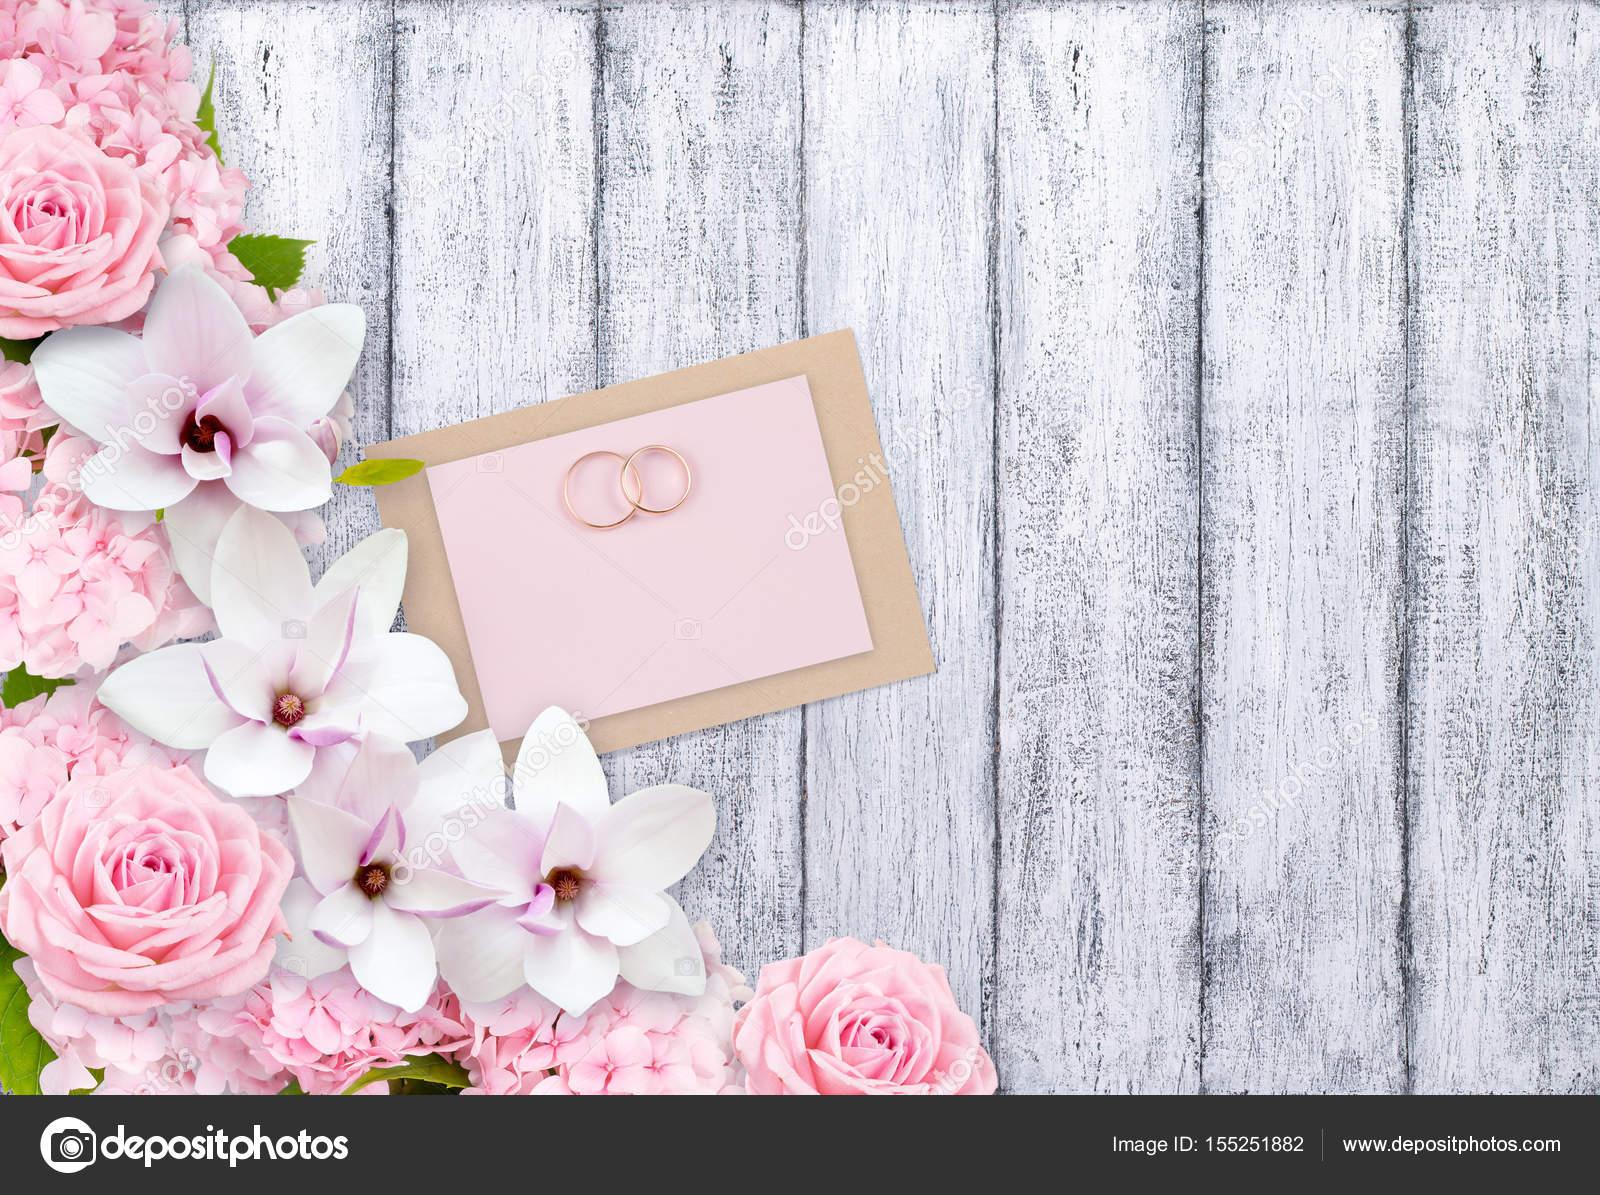 Auguri Per Matrimonio Immagini : Fiori e anelli nuziali con carta cartolina d auguri per il